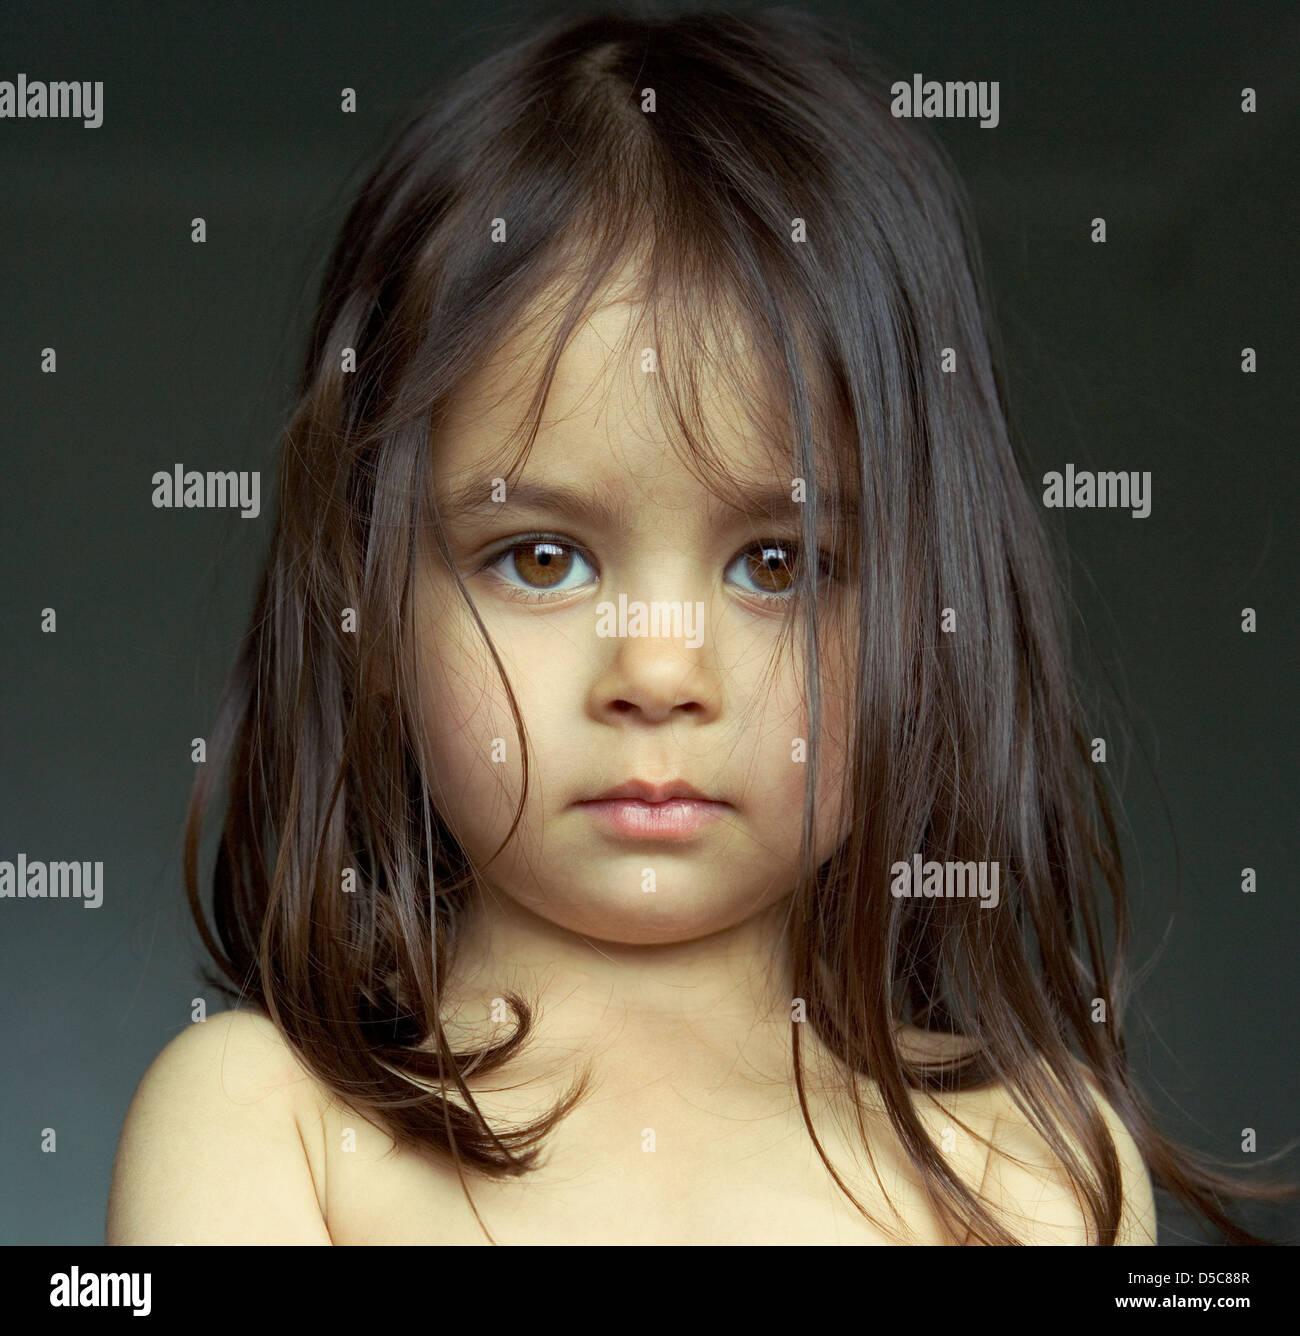 Porträt eines jungen Mädchens Stockbild